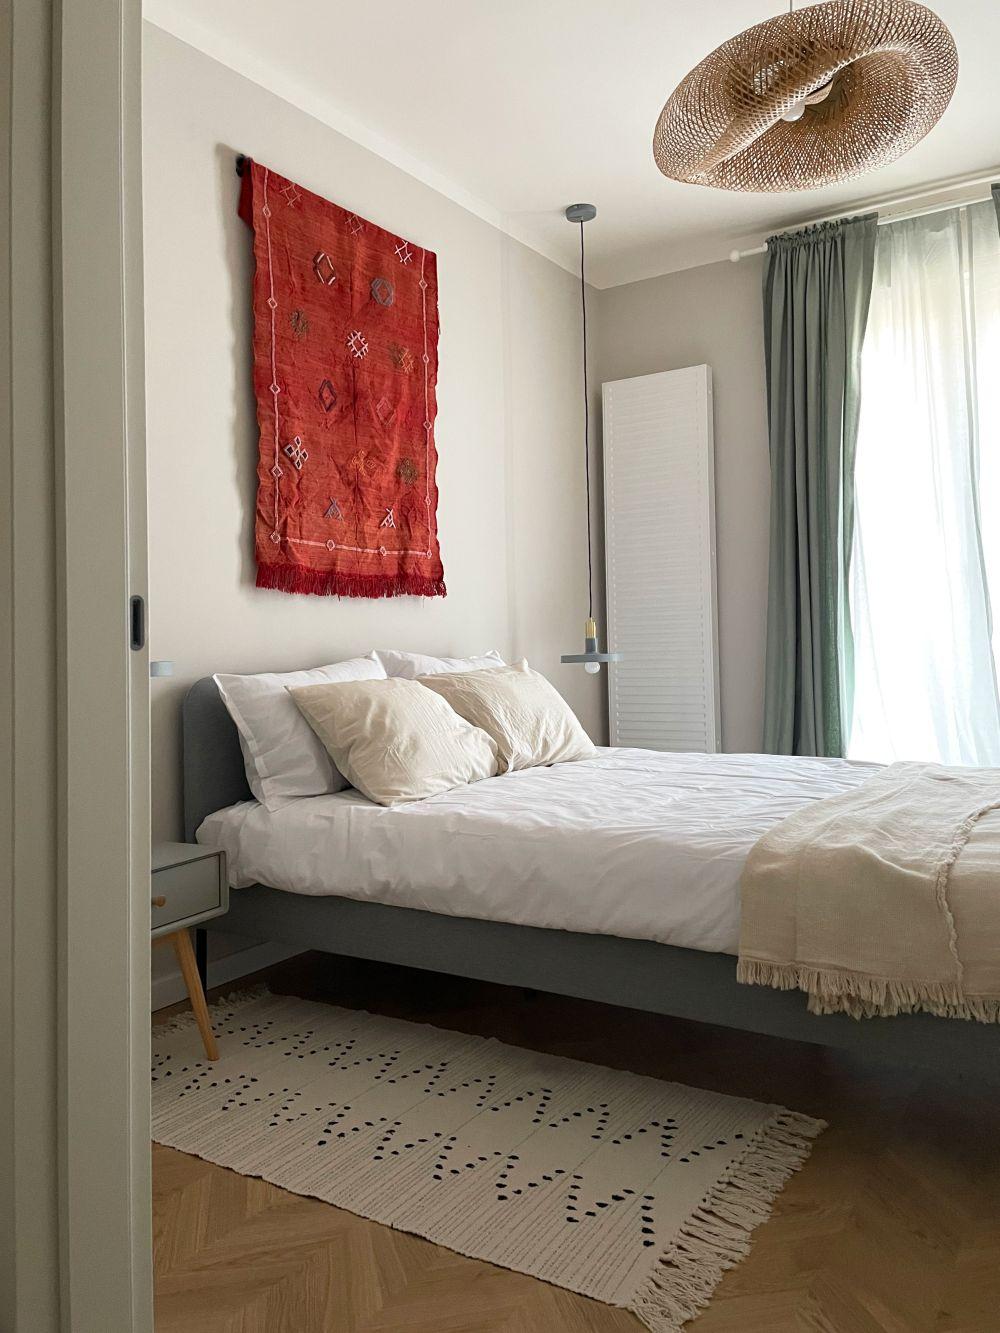 tapiserie dormitor